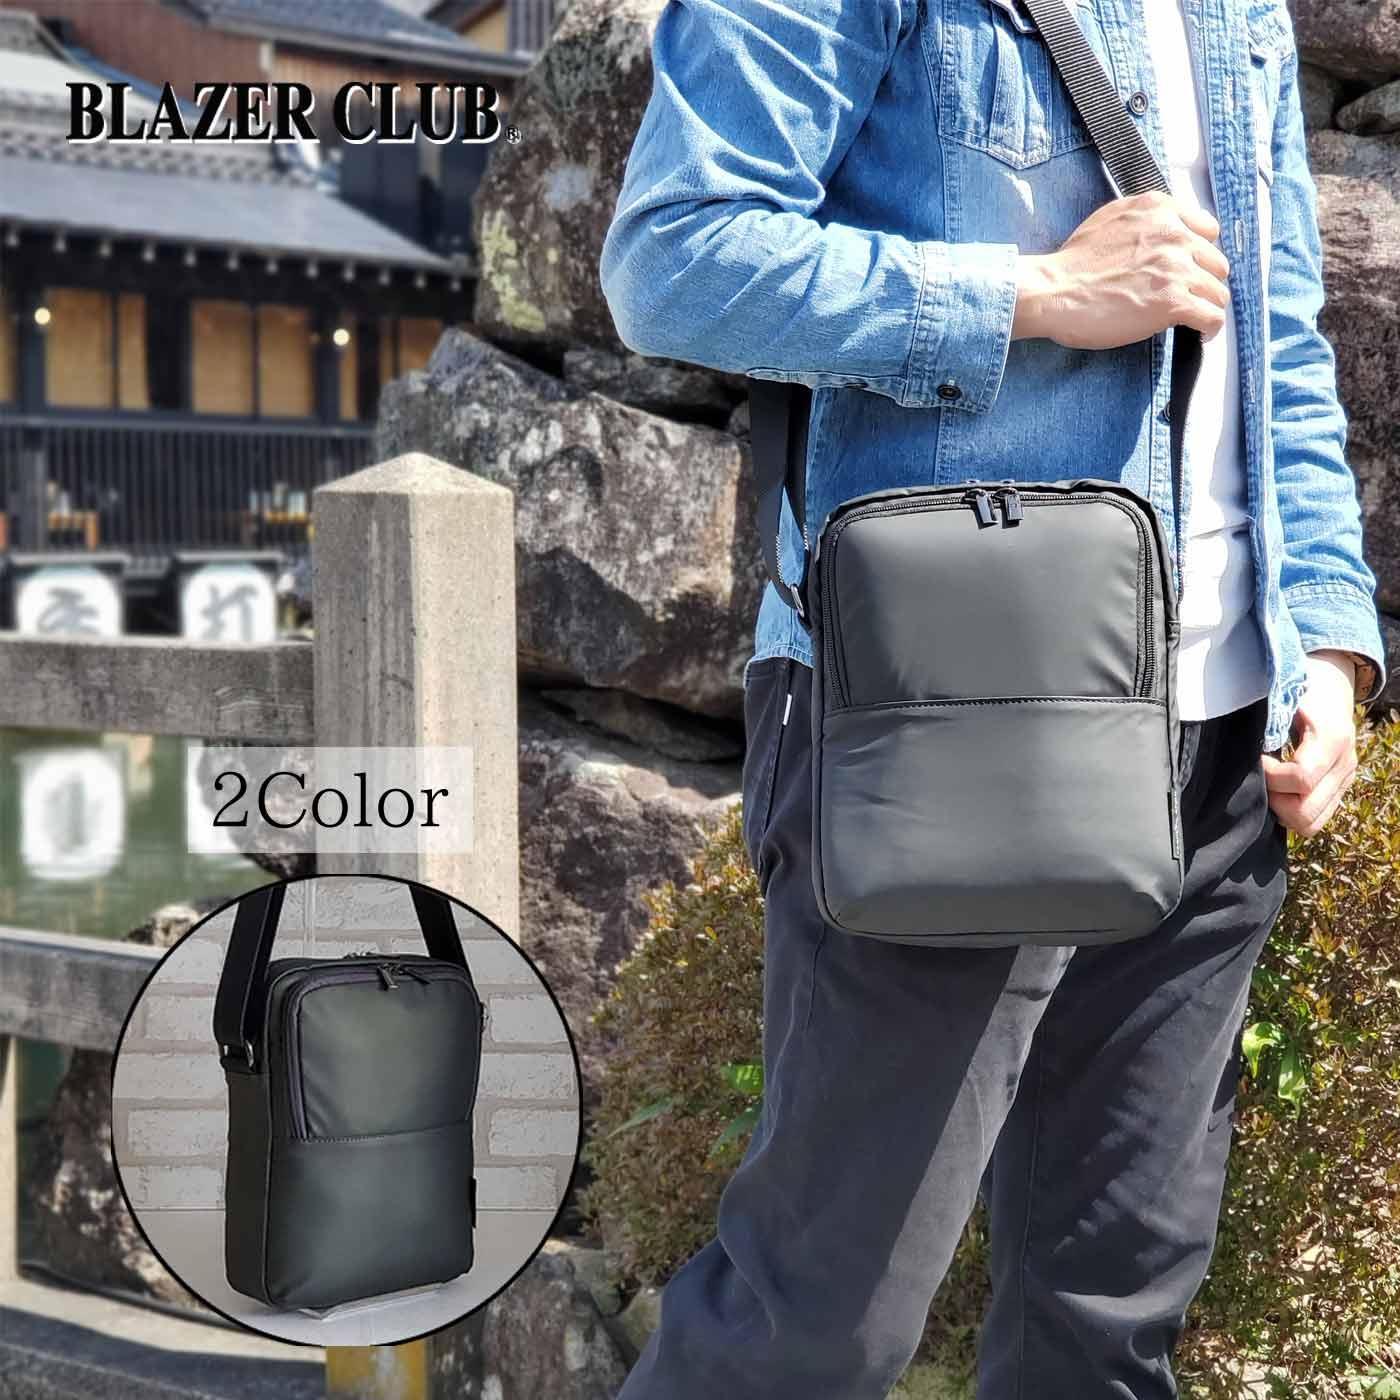 縦型ショルダーバッグ カジュアルバッグ メンズ B5 軽い 斜めがけ ナイロン 街持ち 普段使い 旅行 レジャー 黒 カーキ KBN33755 ブレザークラブ BLAZER CLUB